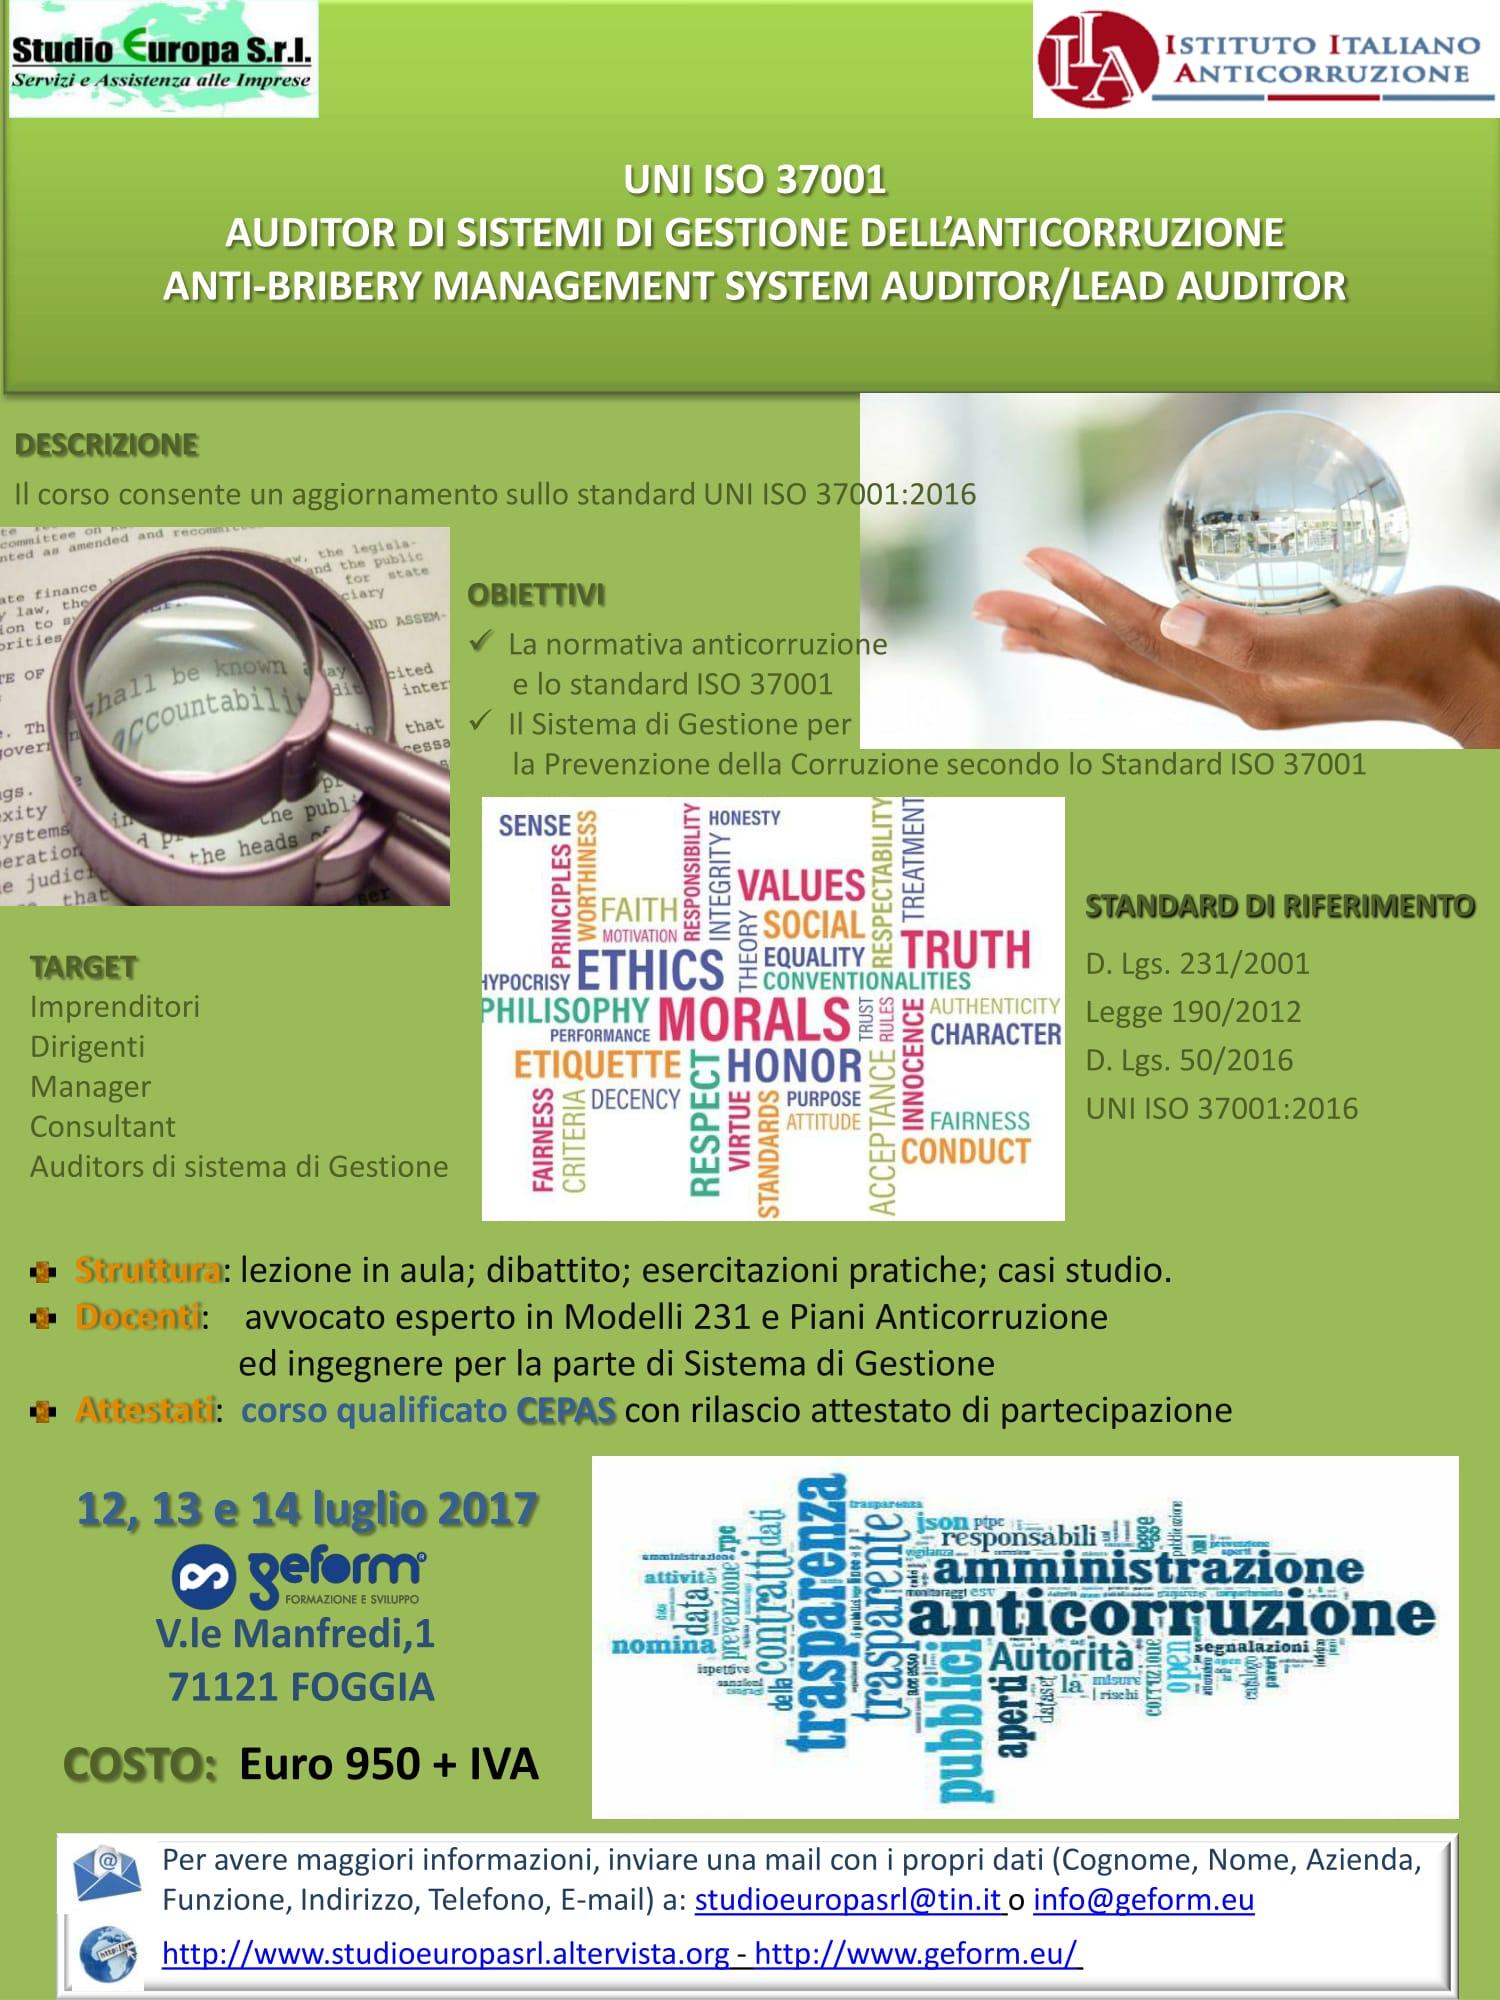 Locandina Foggia 12, 13 e 14-07-2017-1